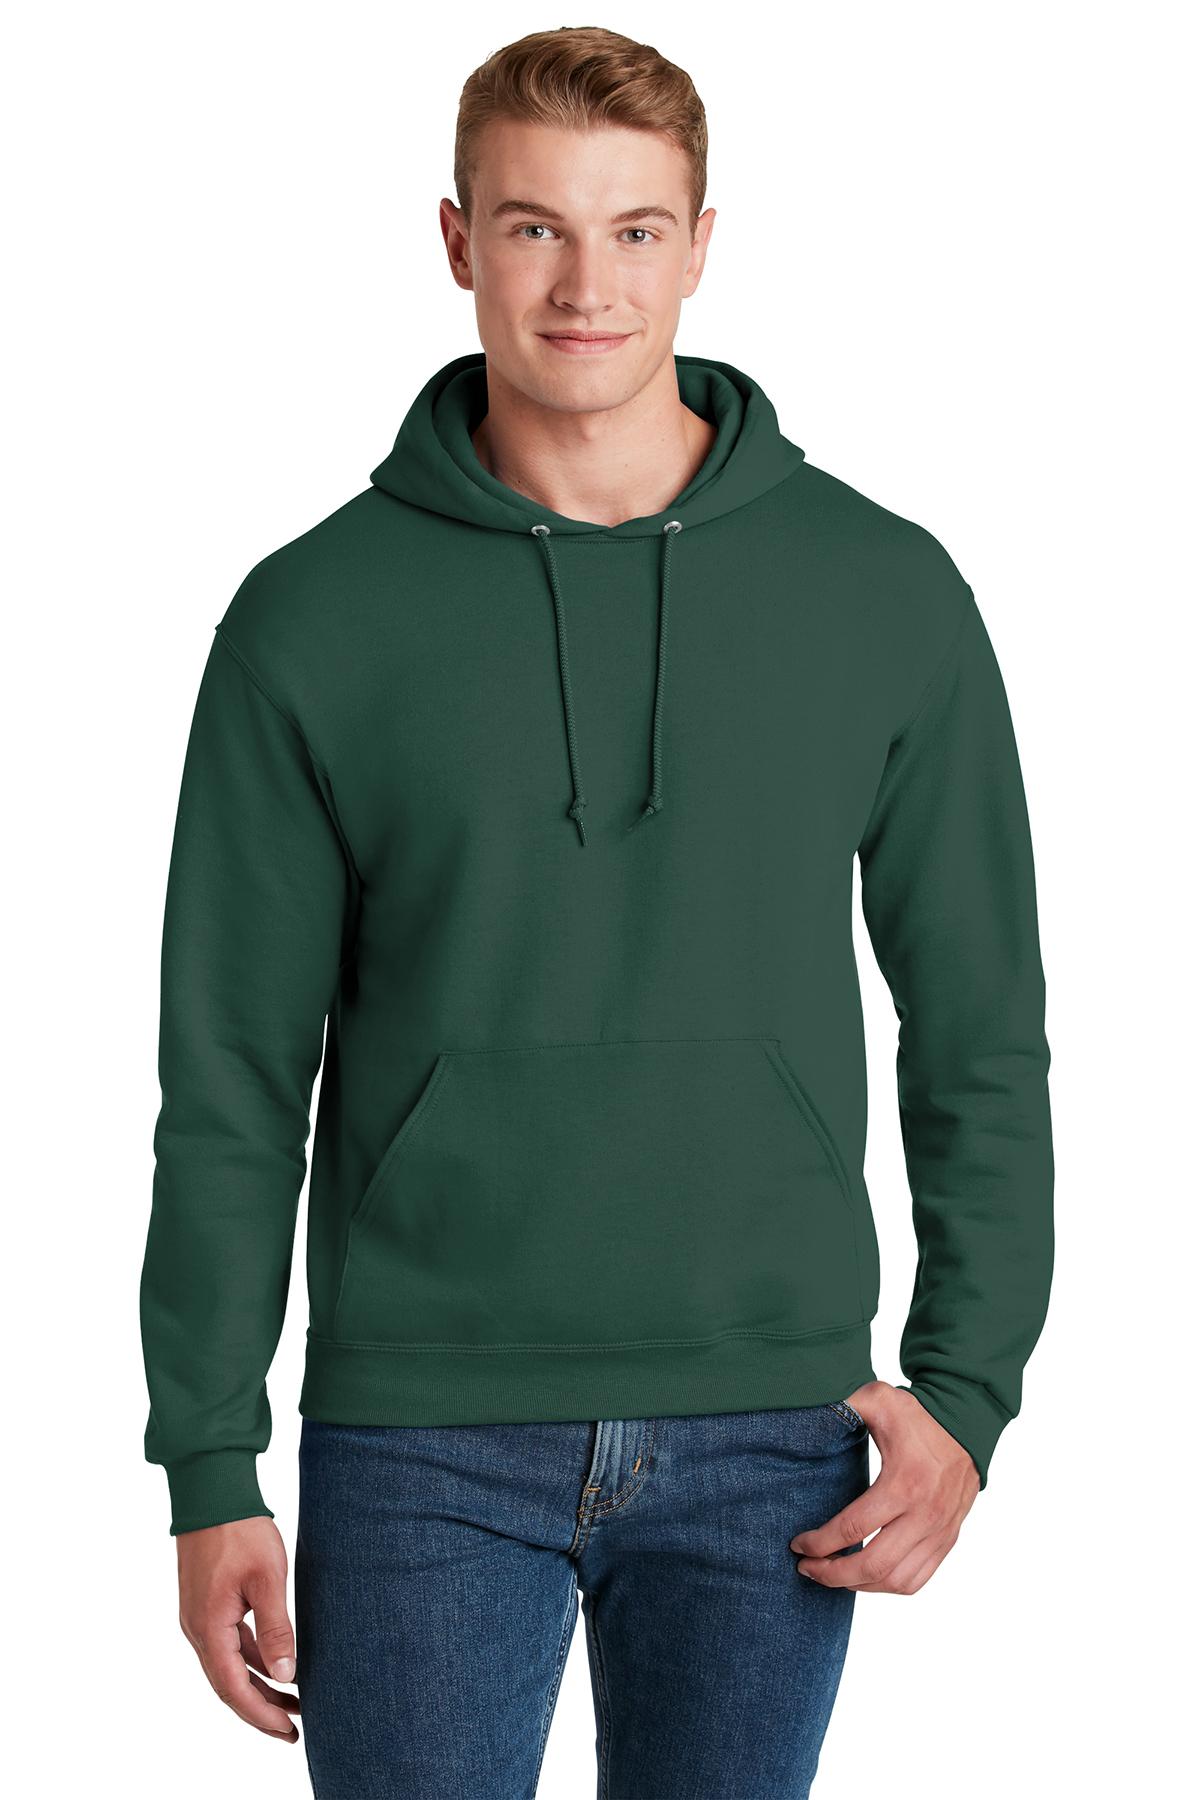 07f9a4de23f JERZEES® - NuBlend® Pullover Hooded Sweatshirt